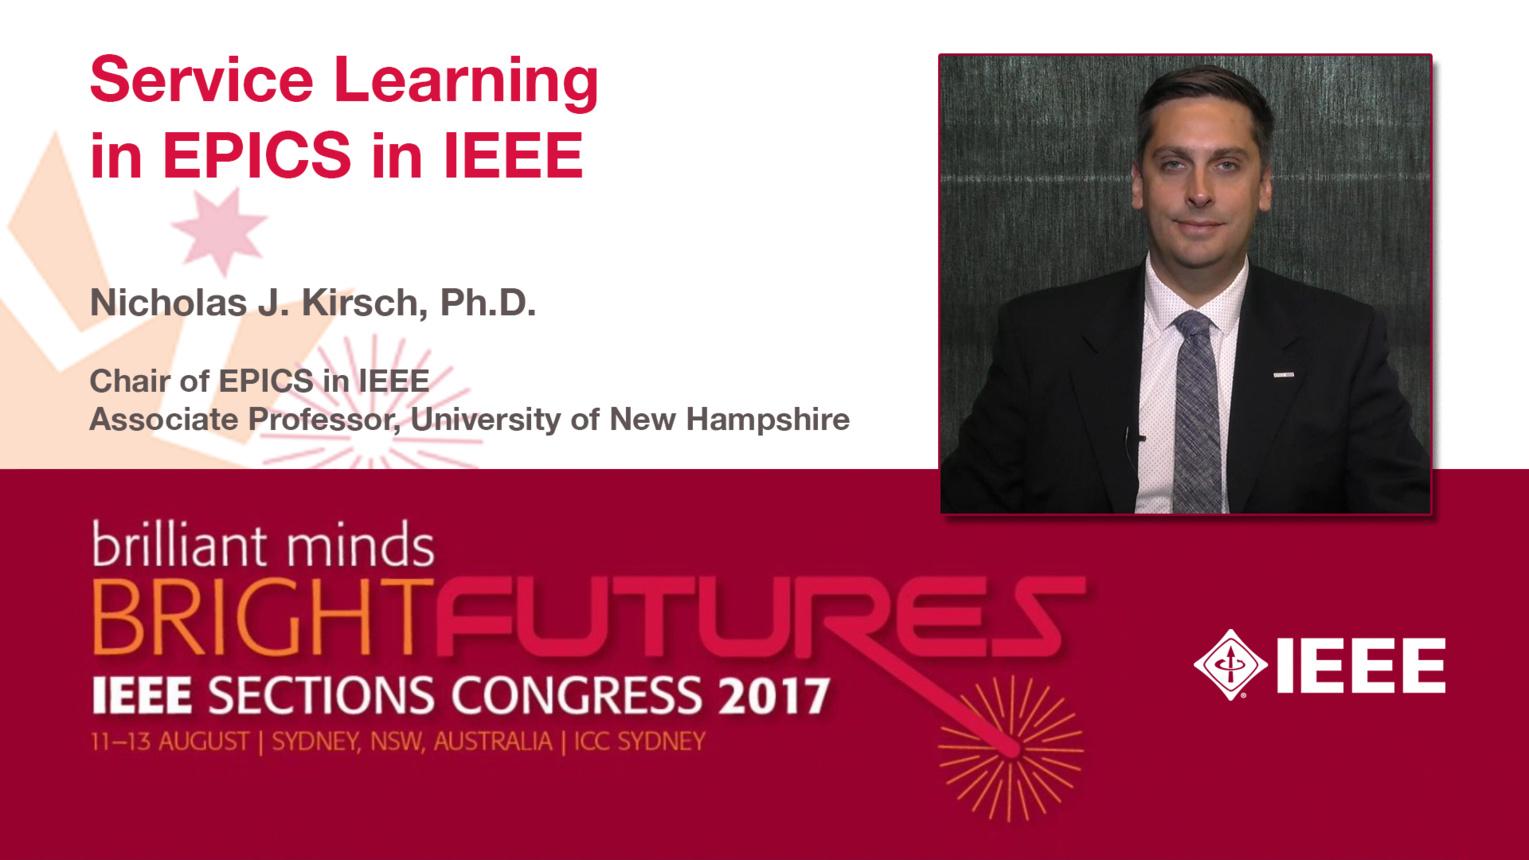 Nicholas J. Kirsch: Service Learning in EPICS in IEEE - Studio Tech Talks: Sections Congress 2017